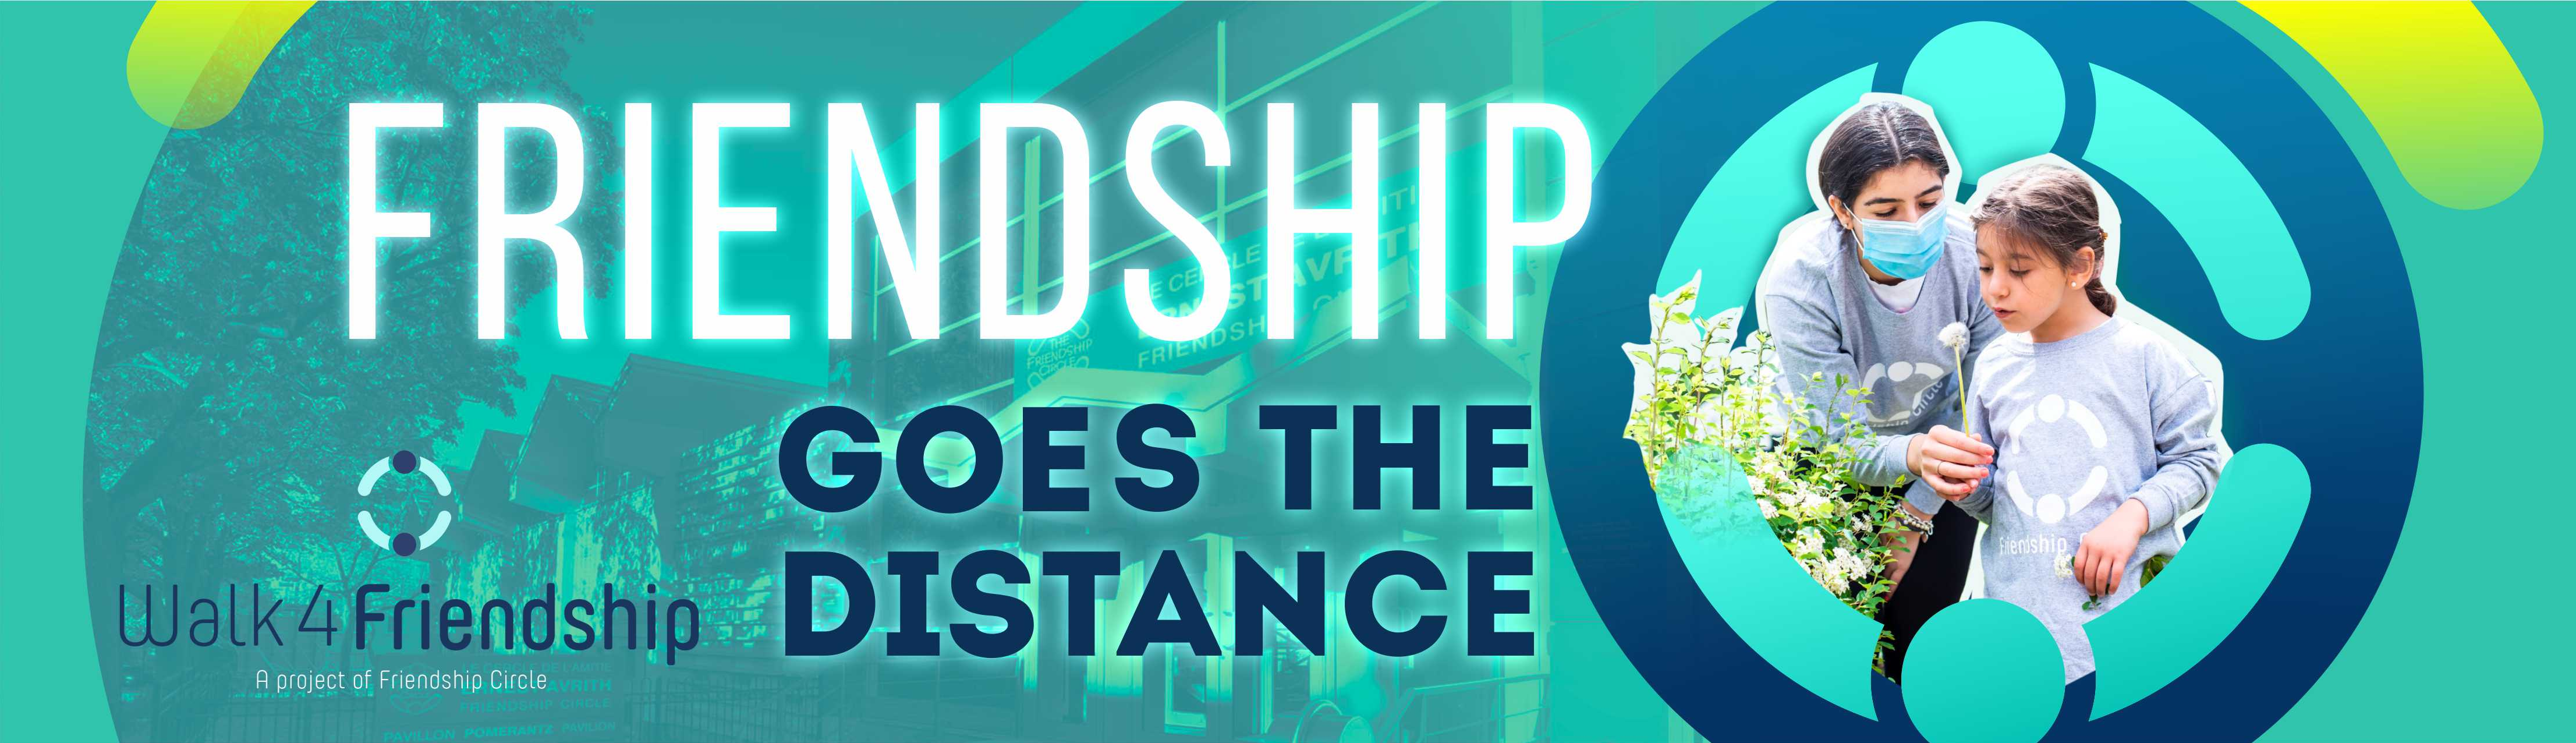 Friendship Goes The Distance - Walk4Friendship